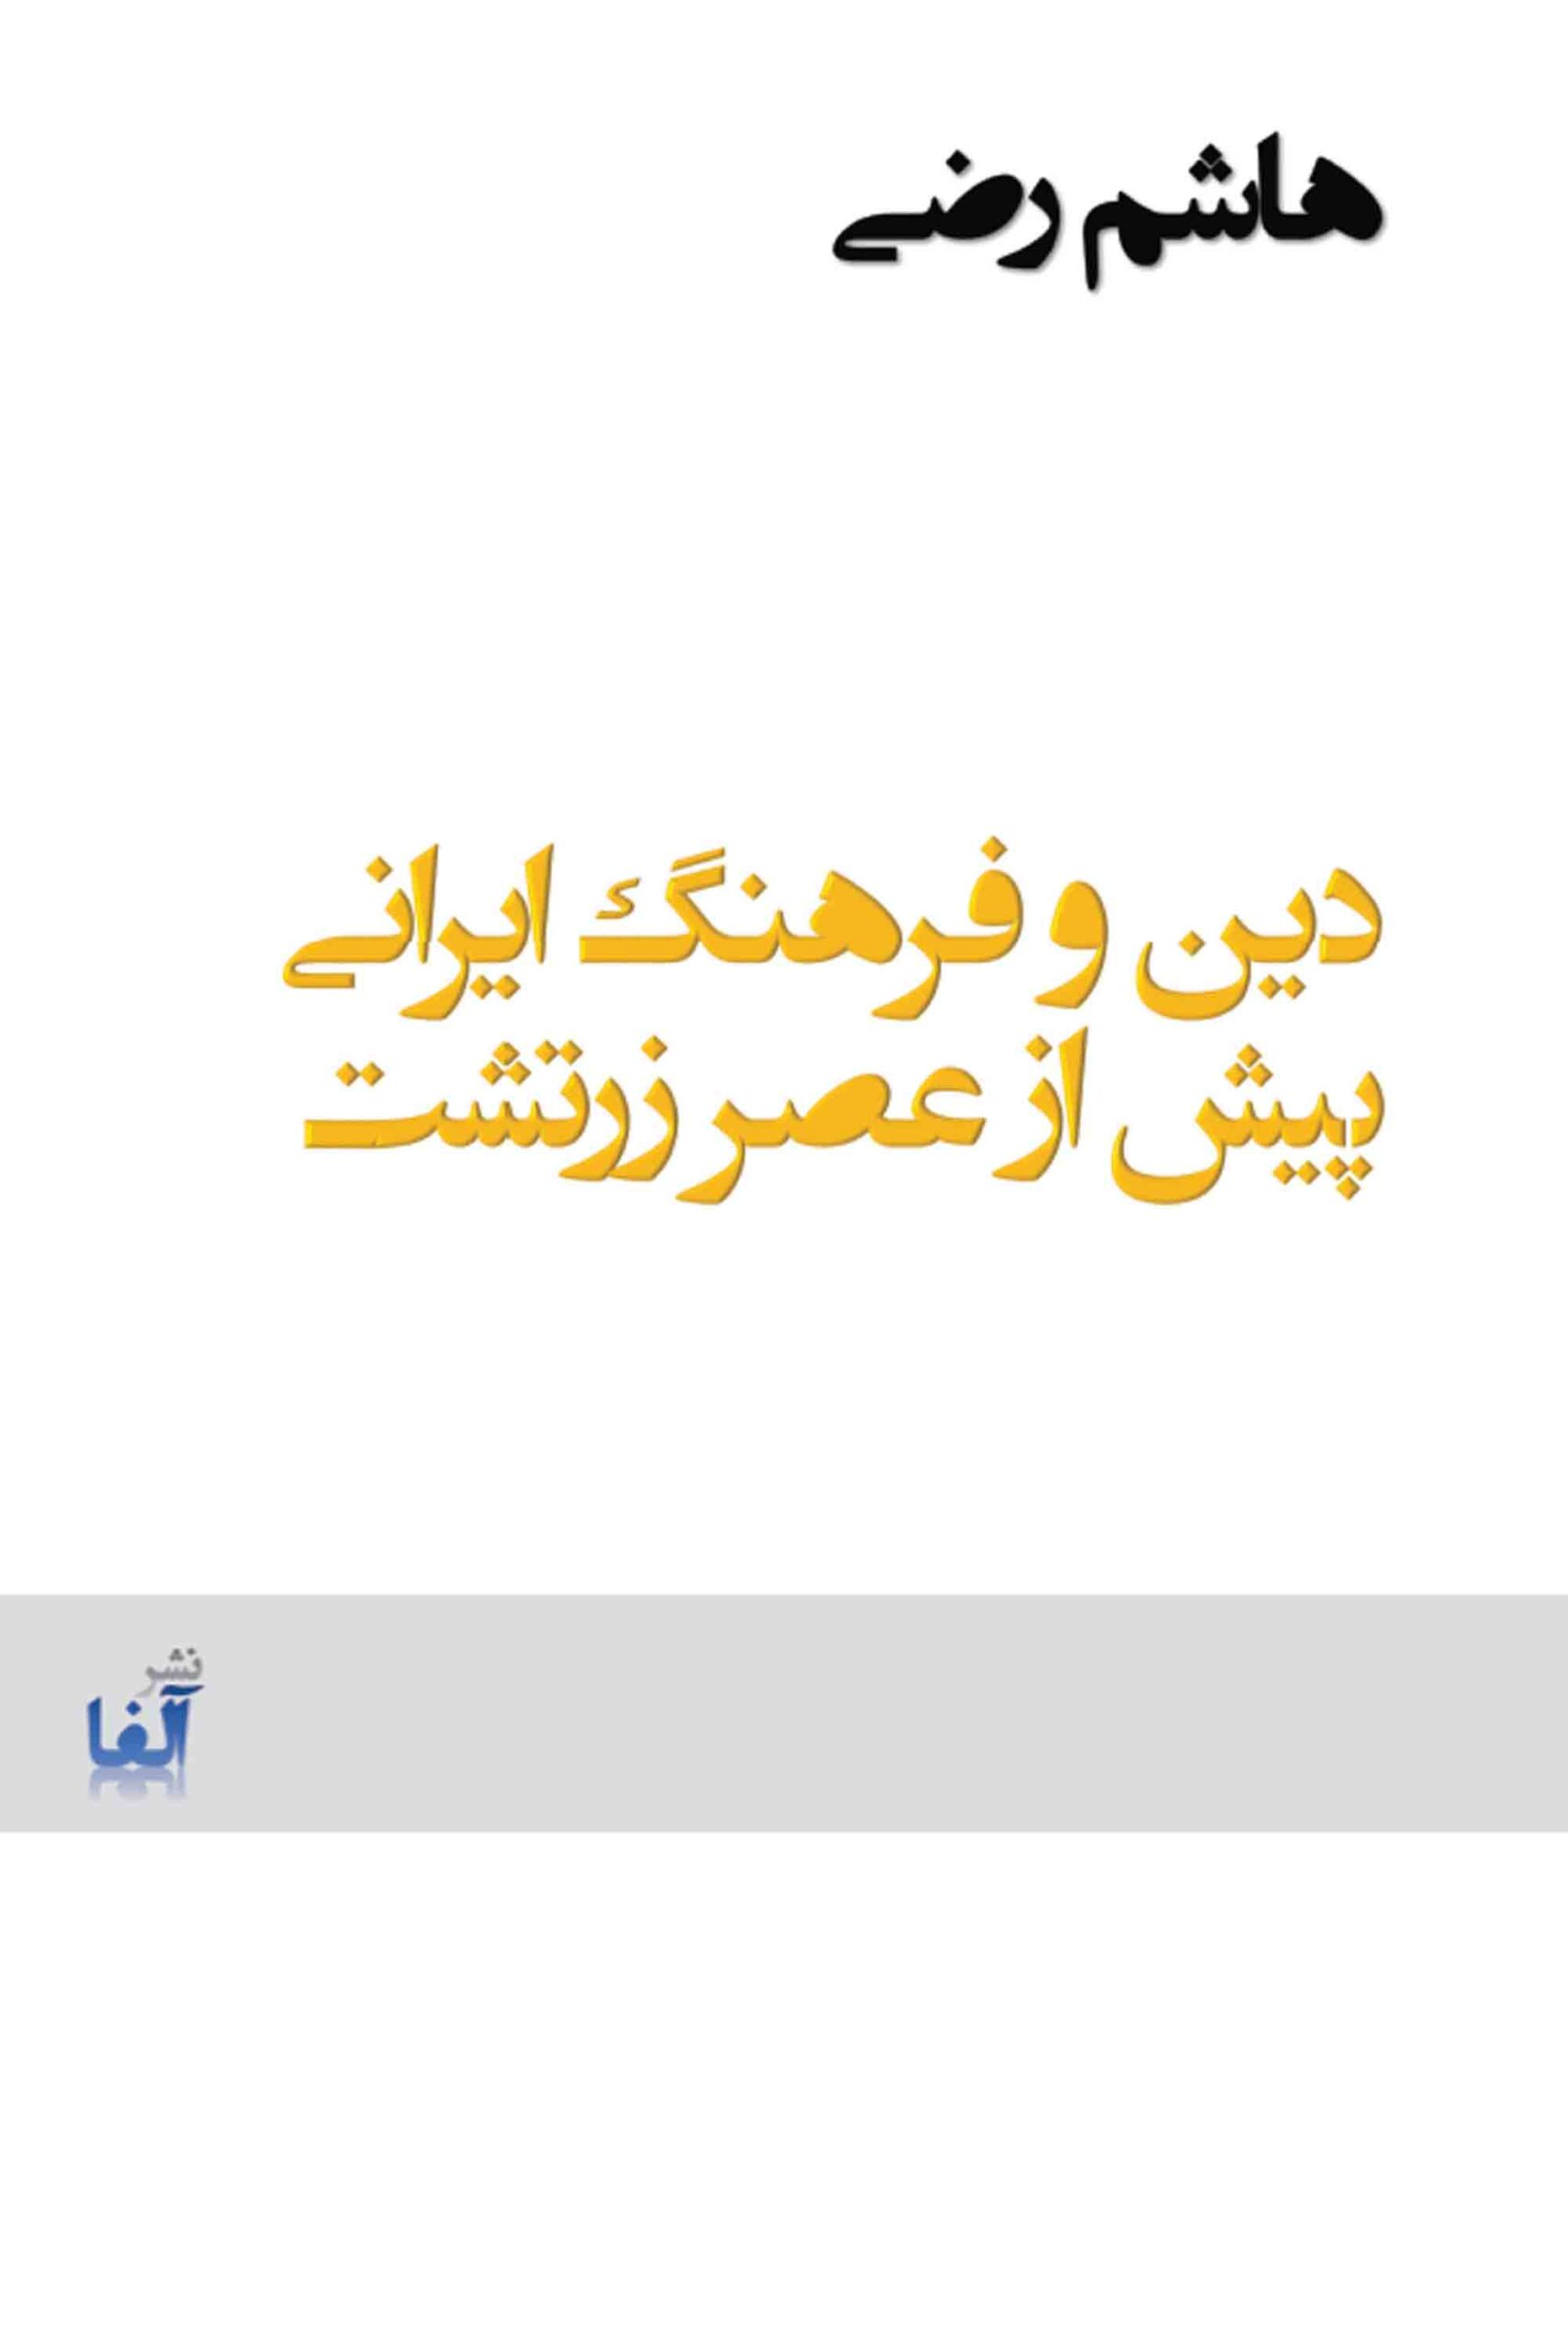 din va farhang-e irani pish az zartosht